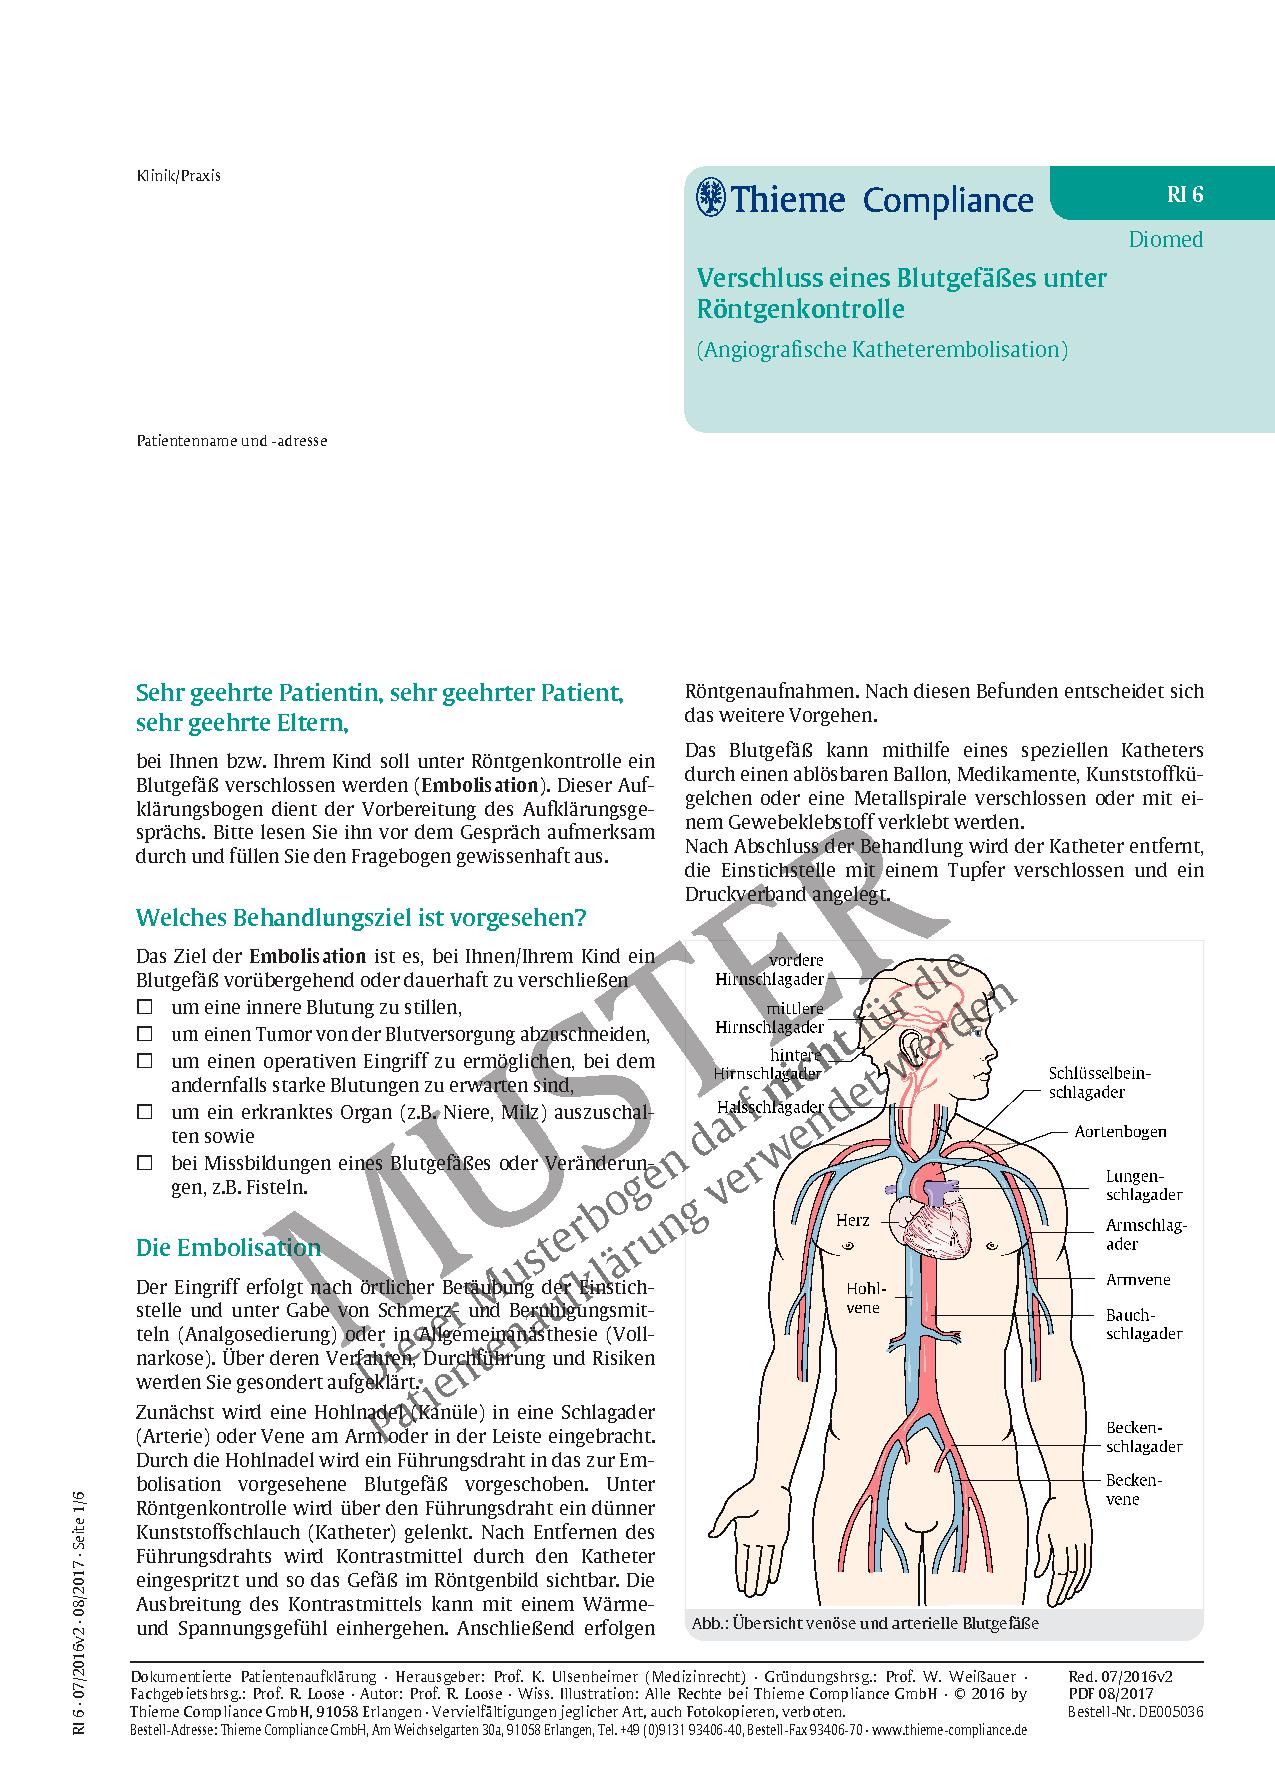 Ziemlich Armvene Galerie - Anatomie Und Physiologie Knochen Bilder ...